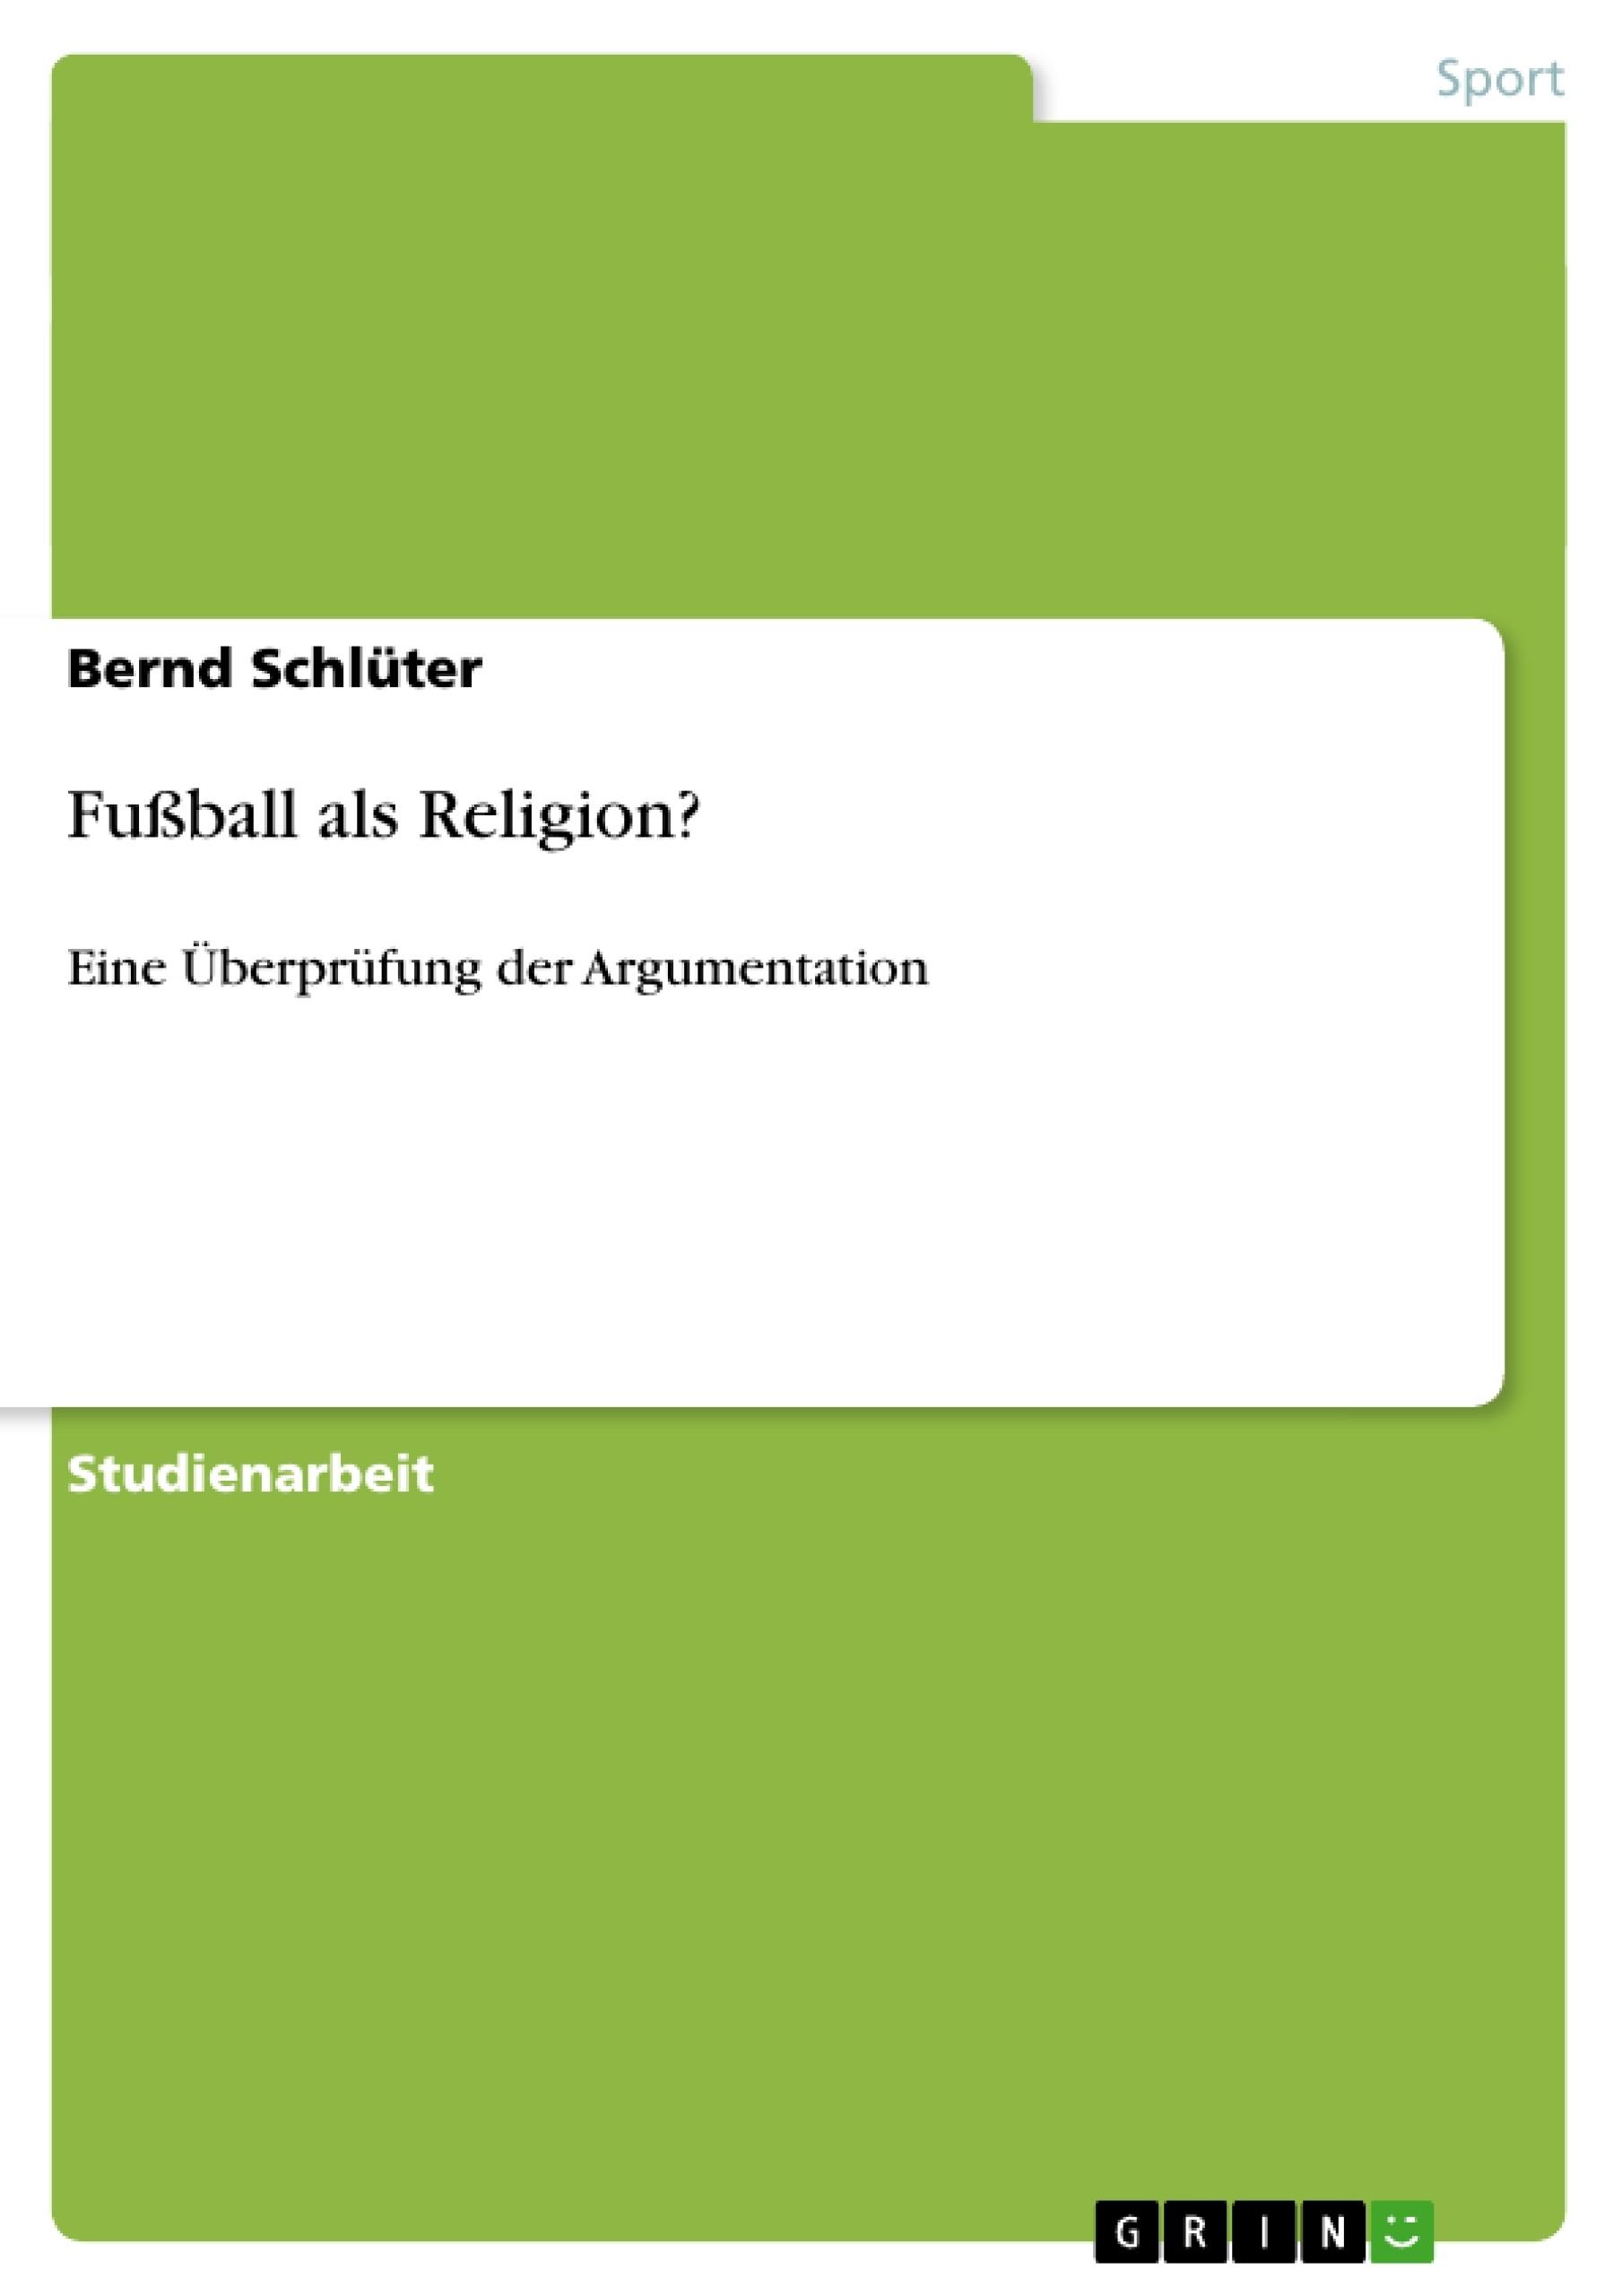 Fußball als Religion?   Masterarbeit, Hausarbeit, Bachelorarbeit ...